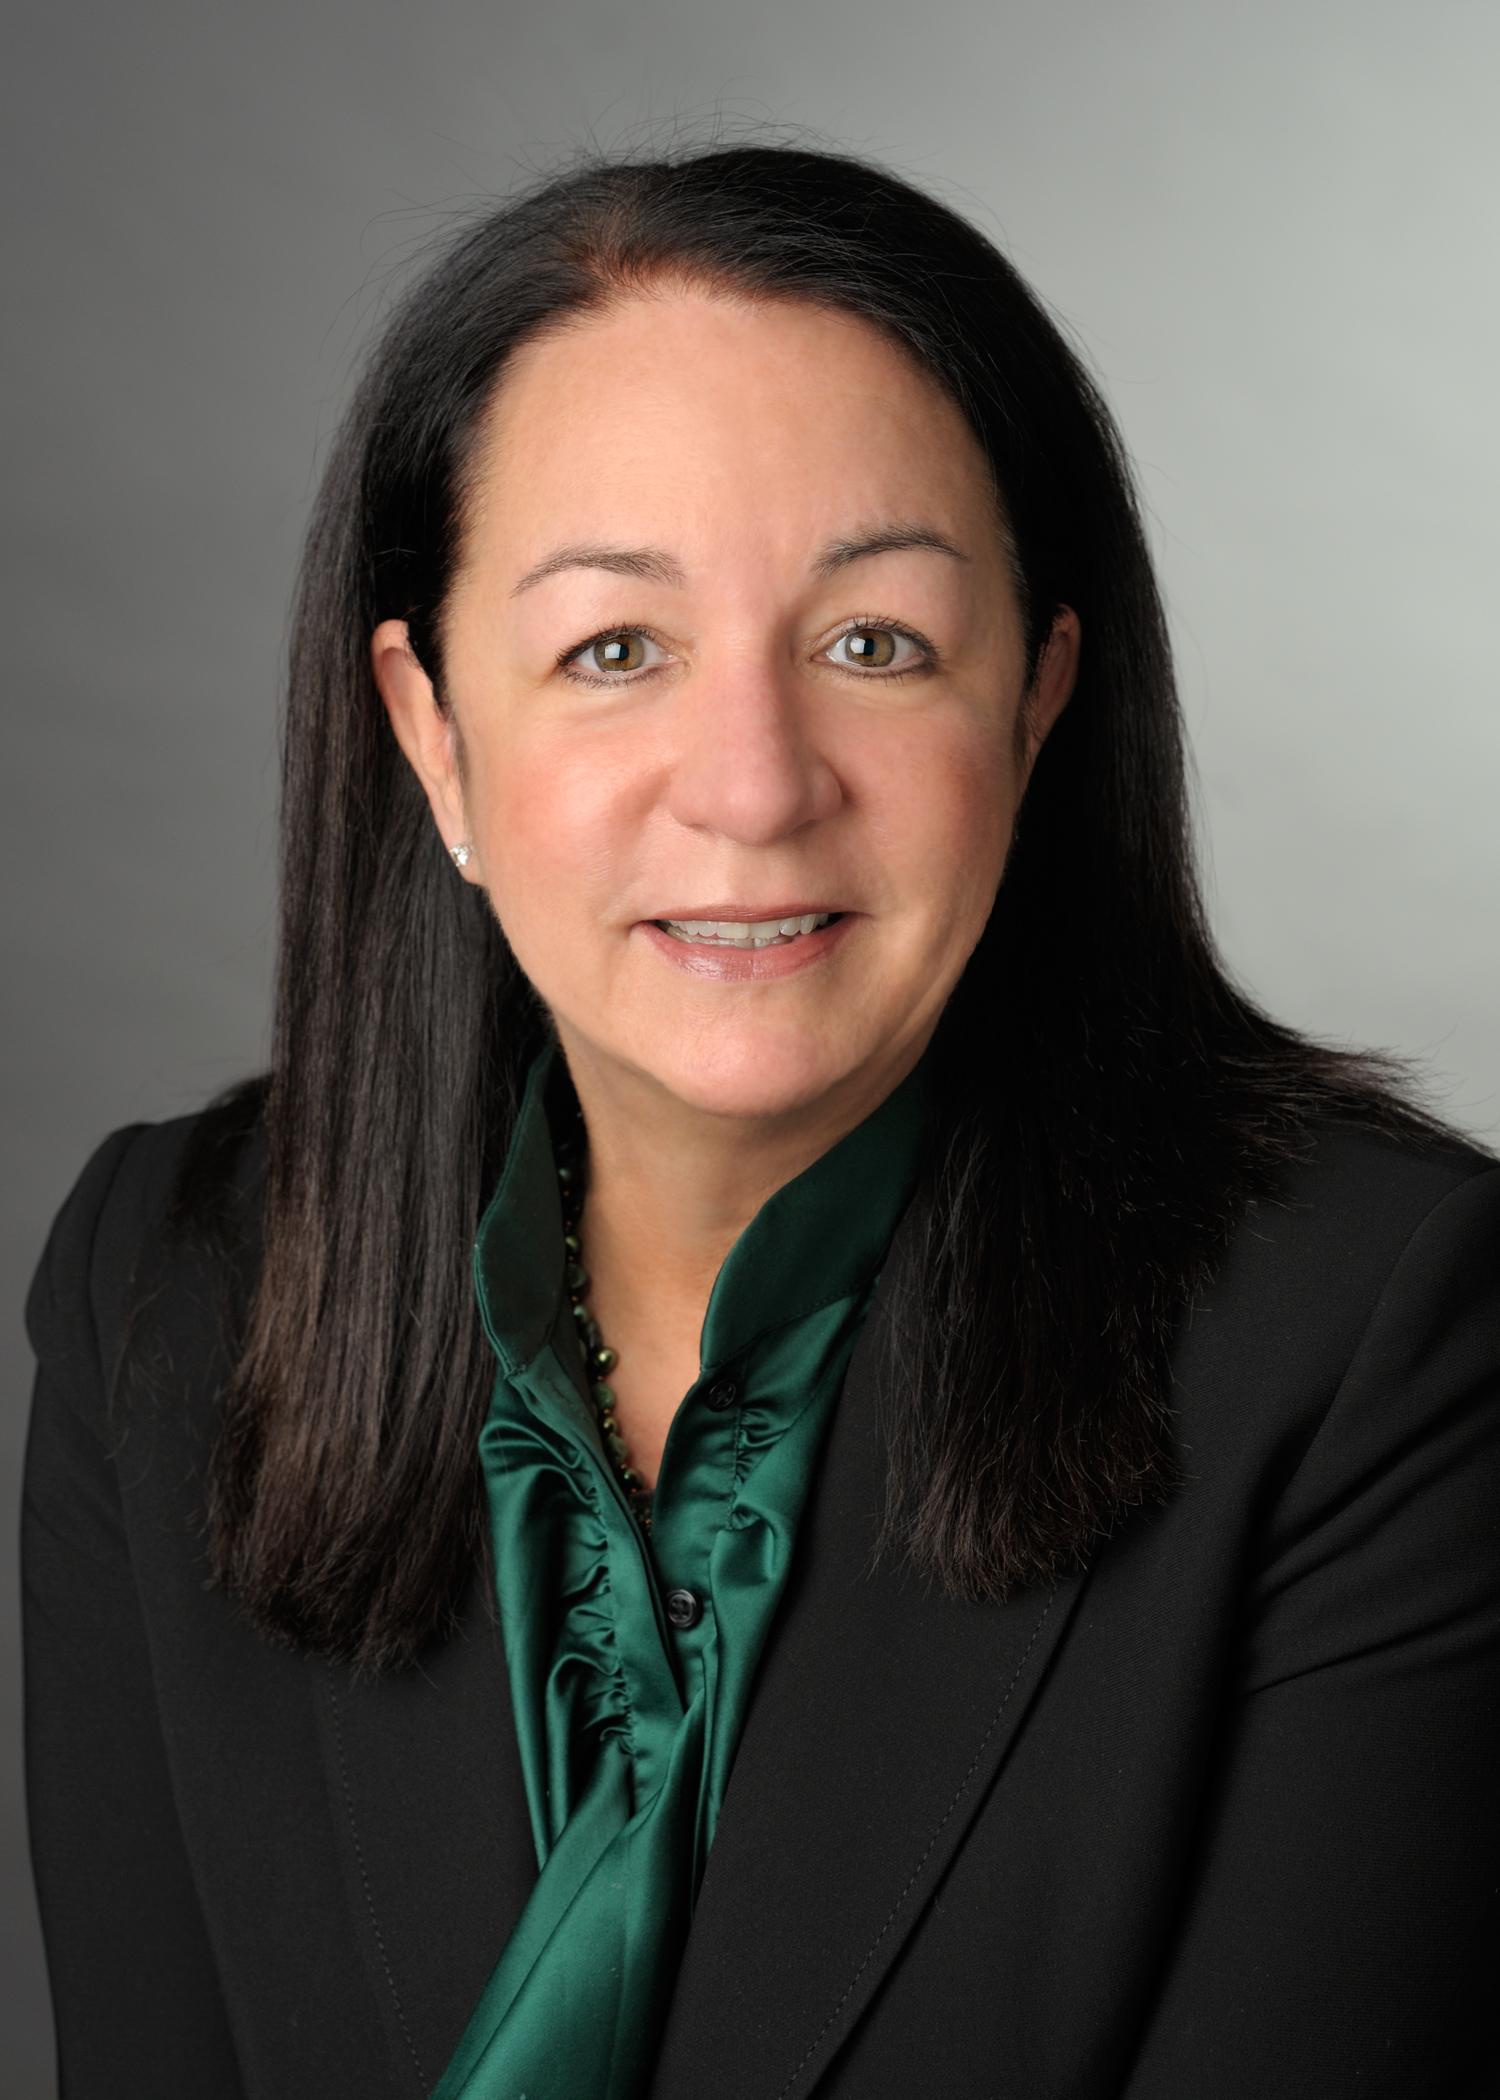 Kathleen Pandolfo